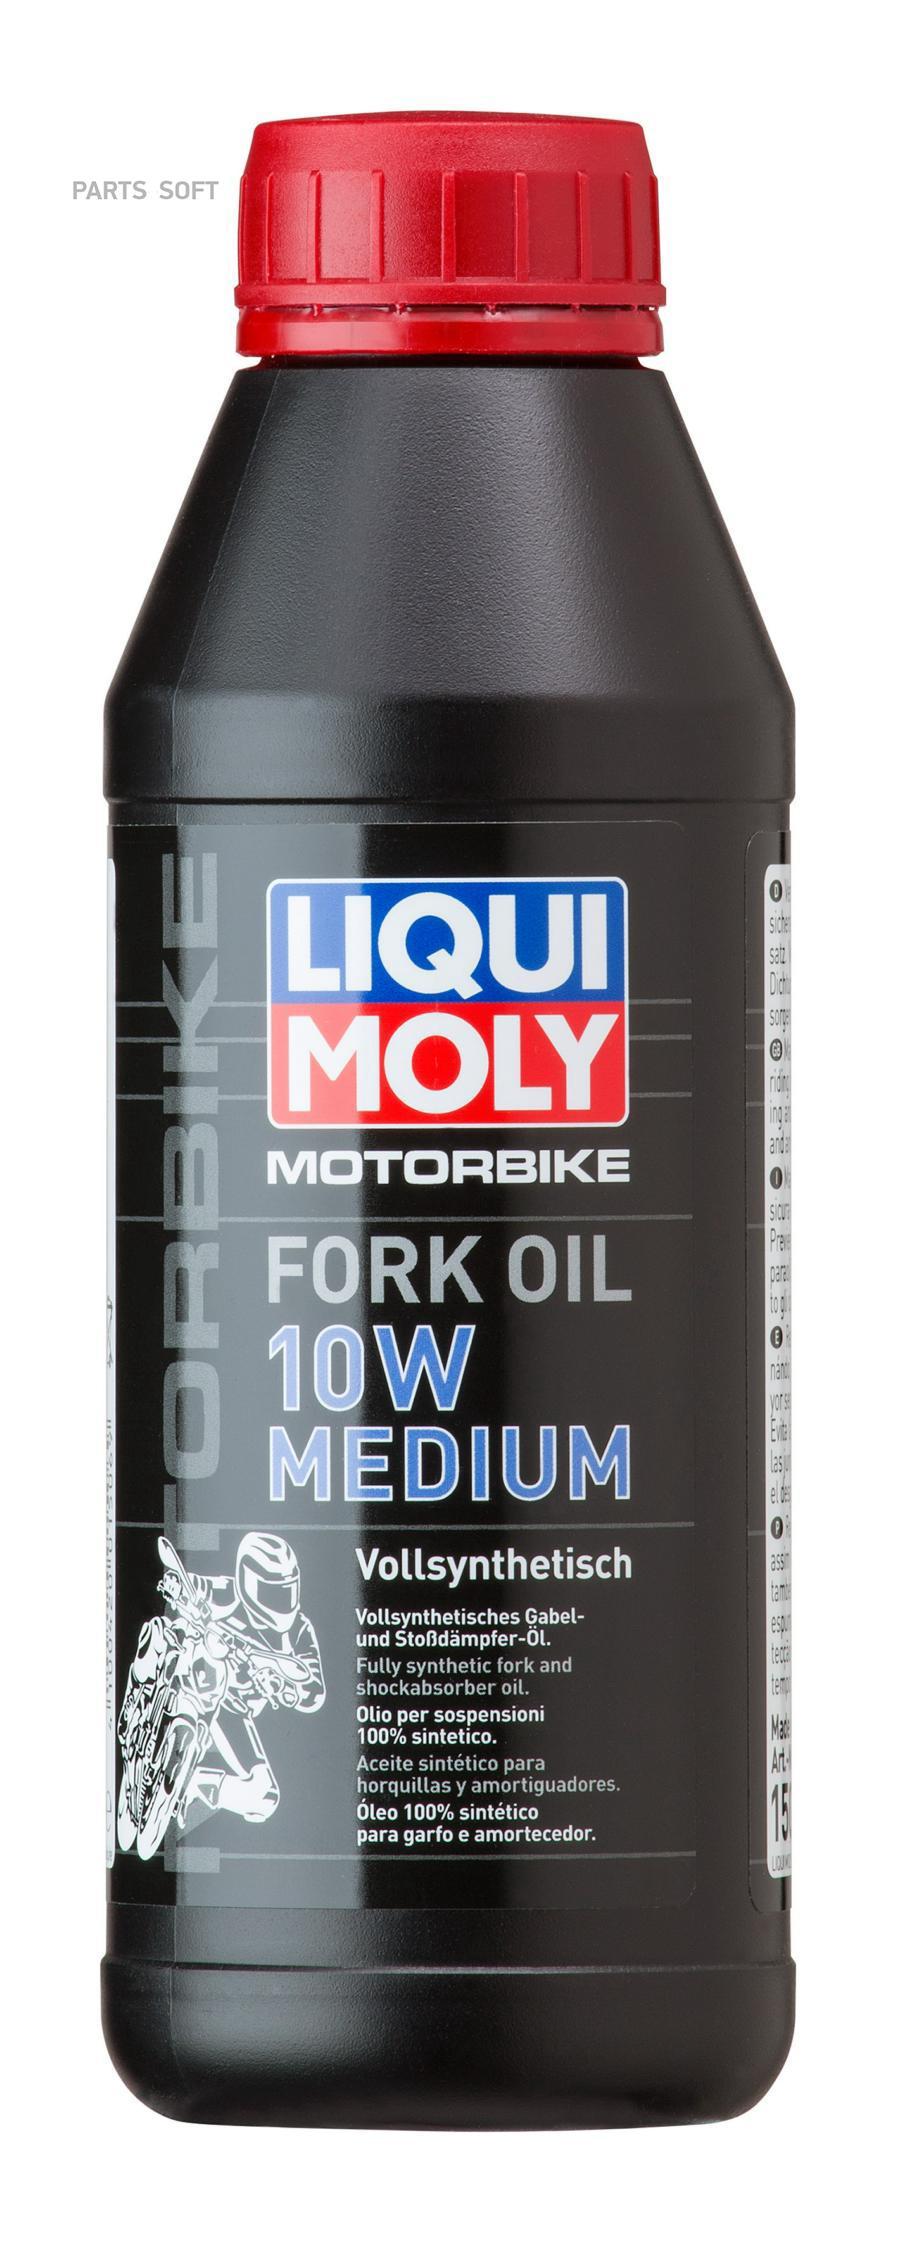 10W Масло для вилок и амортизаторов Motorbike Fork Oil Medium (синтетическое) 0,5л